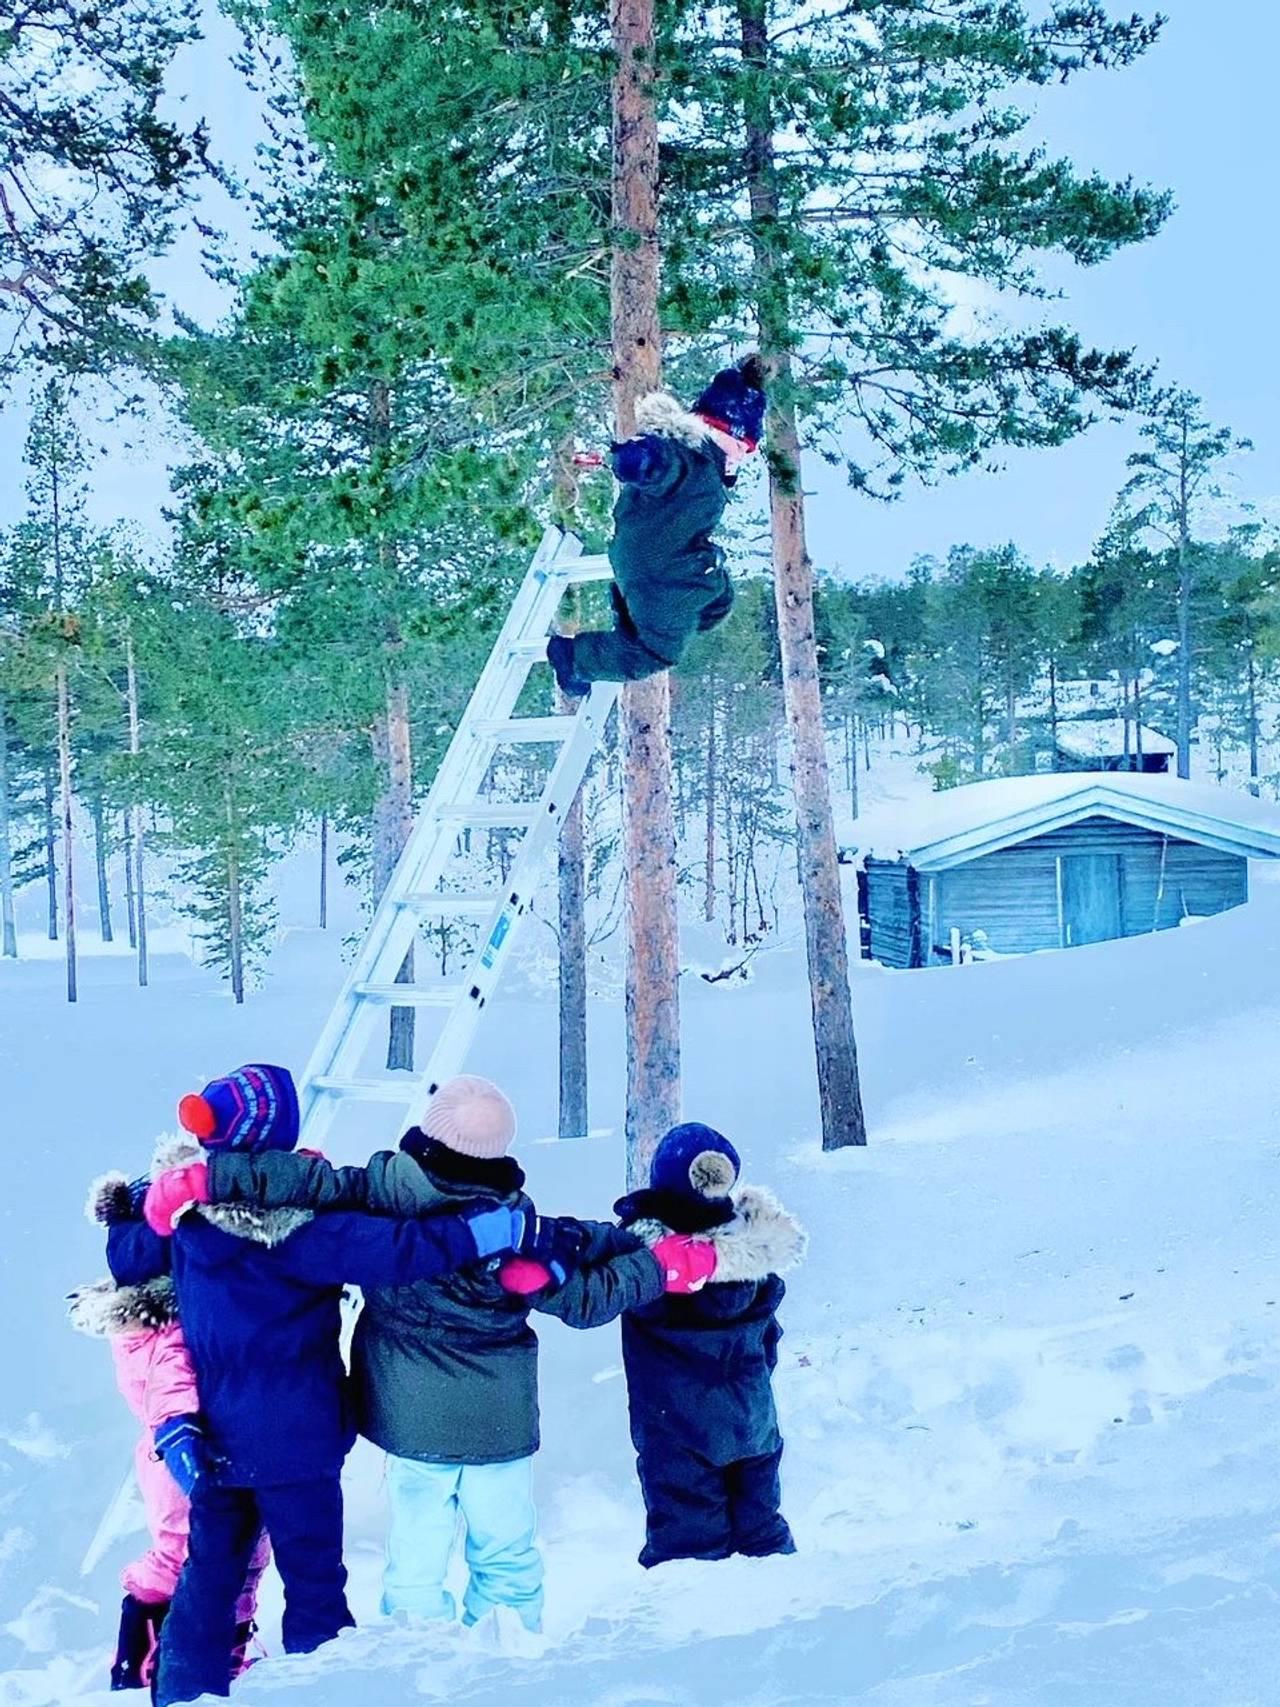 Barna leker i snøen med å hoppe fra trær.